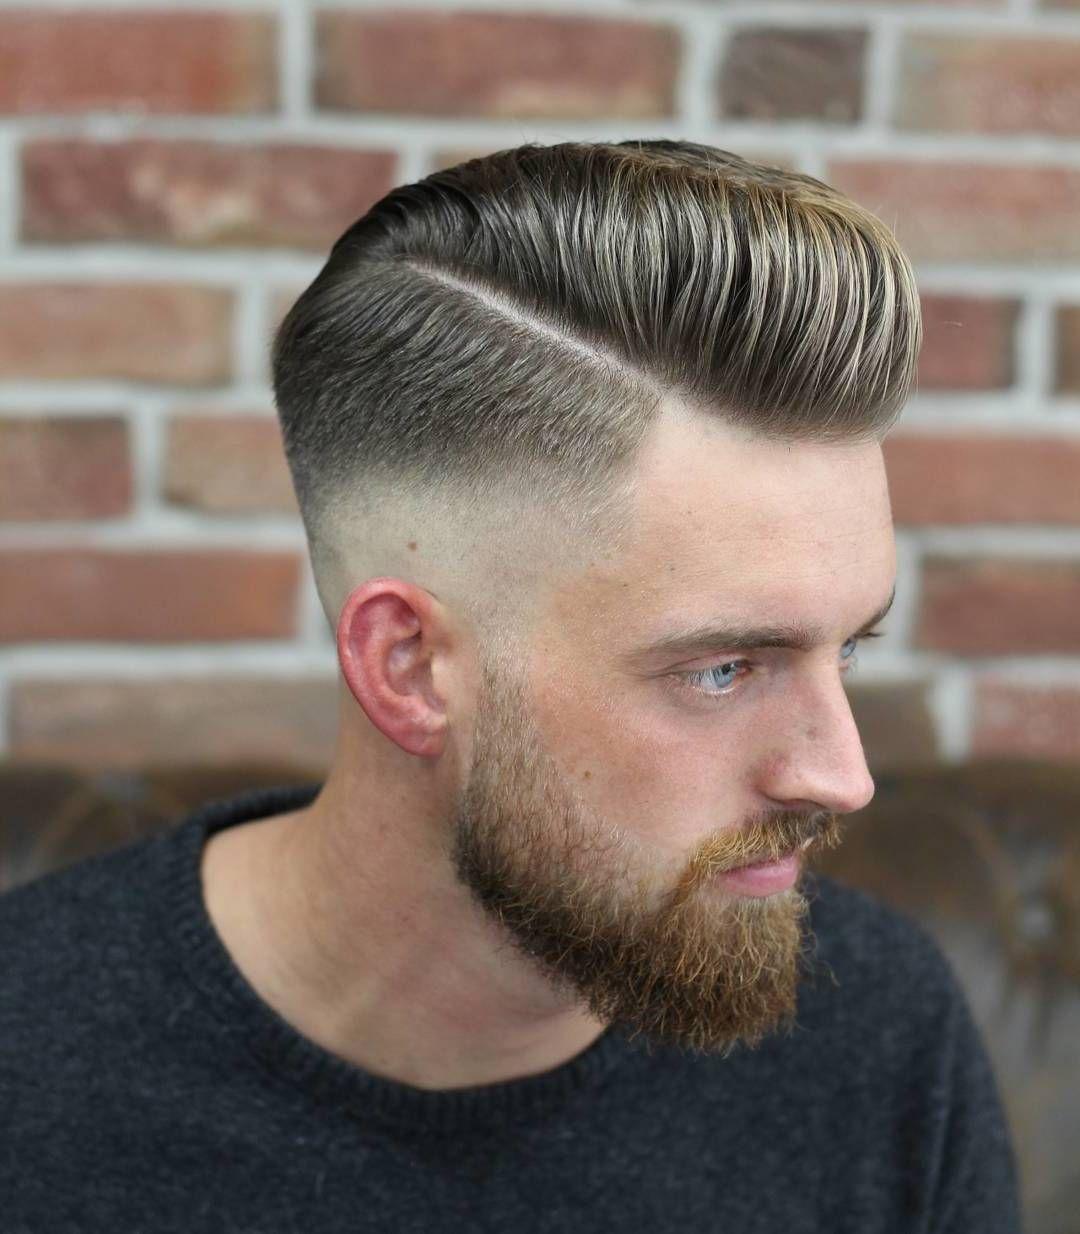 Manner Frisuren 2018 Trendige Pompadour Frisur Fur Herren Frisurentrends Mode Zenideen Herrenfrisuren Haarschnitt Manner Haar Frisuren Manner